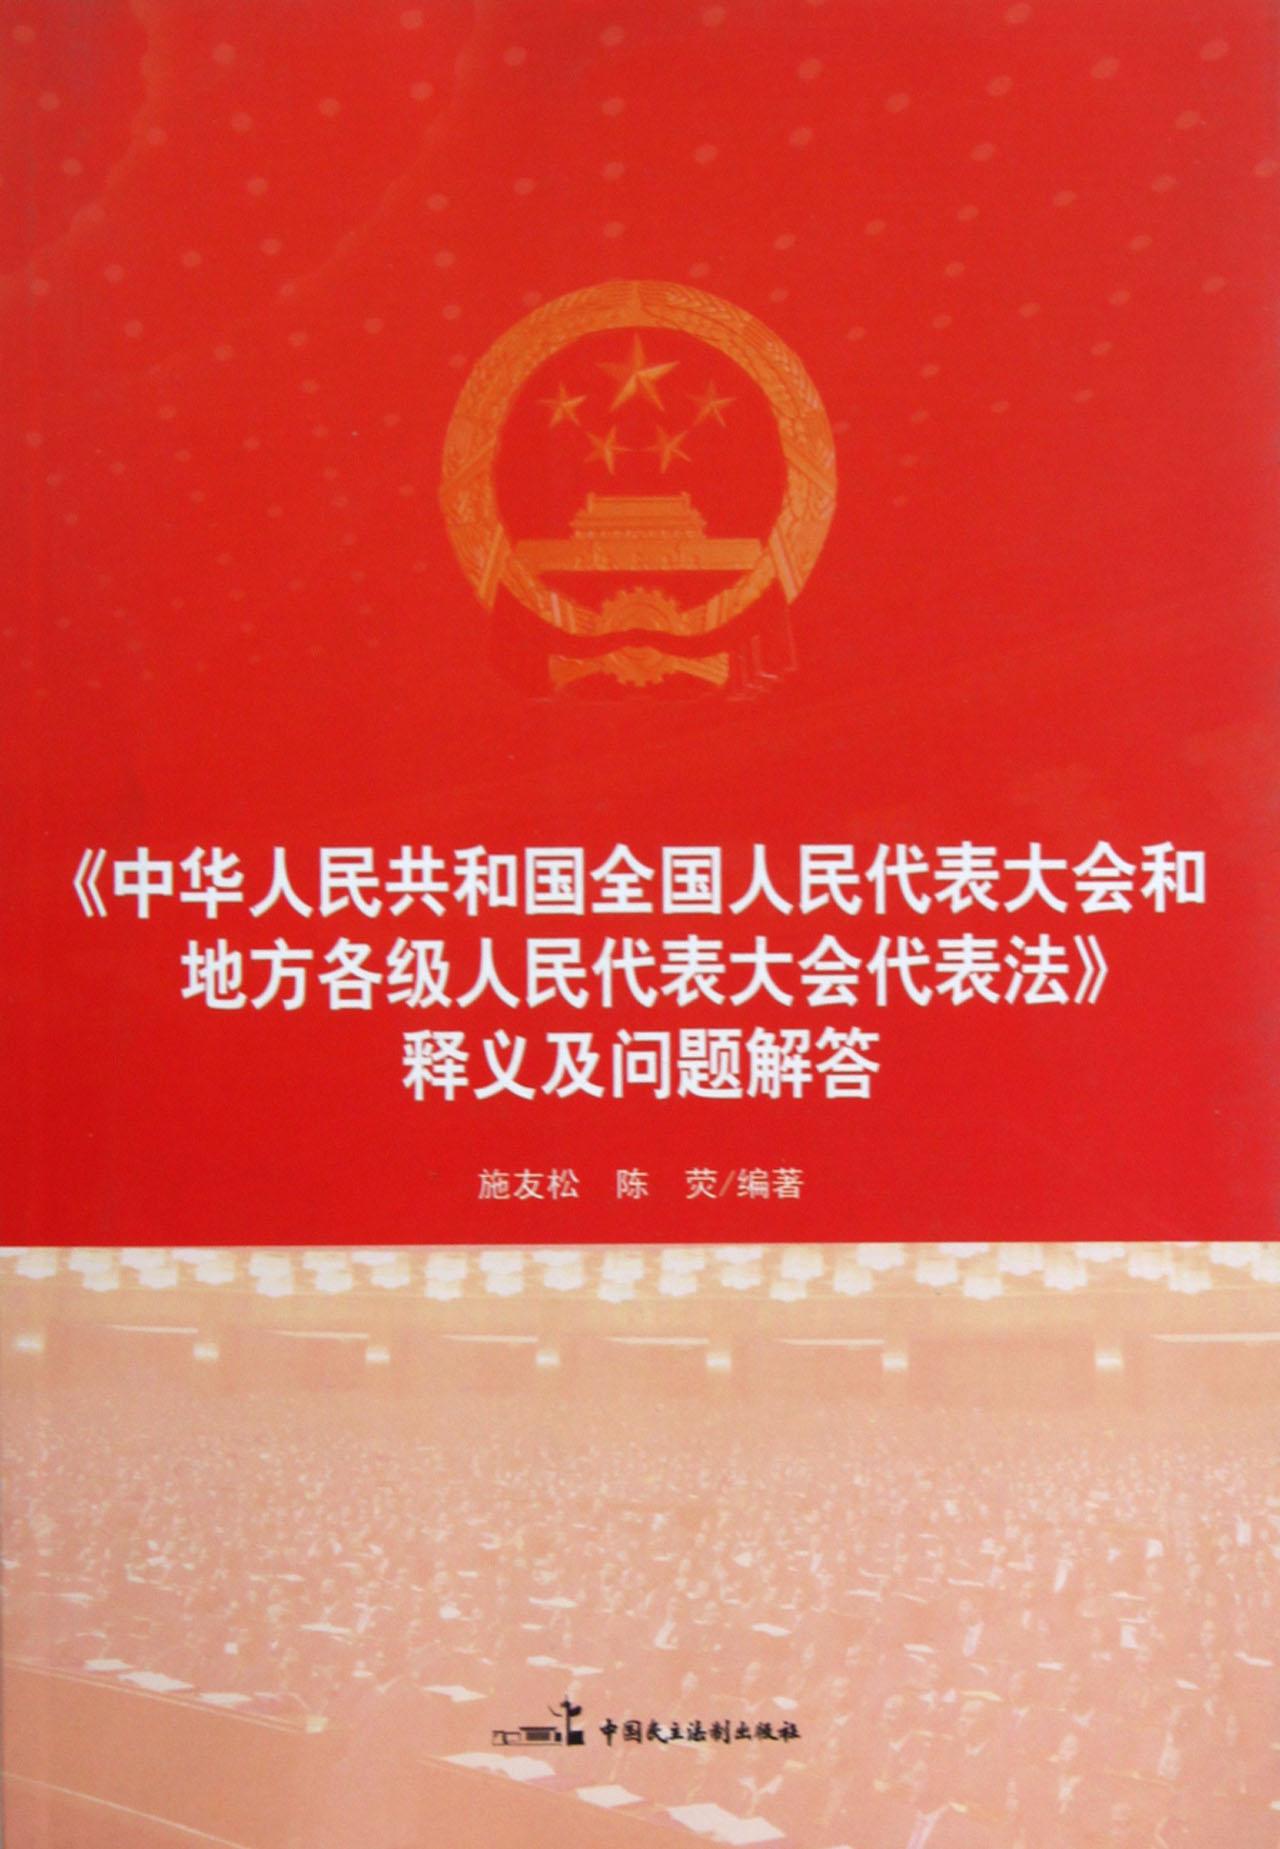 代表法_中华人民共和国全国人民代表大会和地方各级人民代表大会代表法释义及